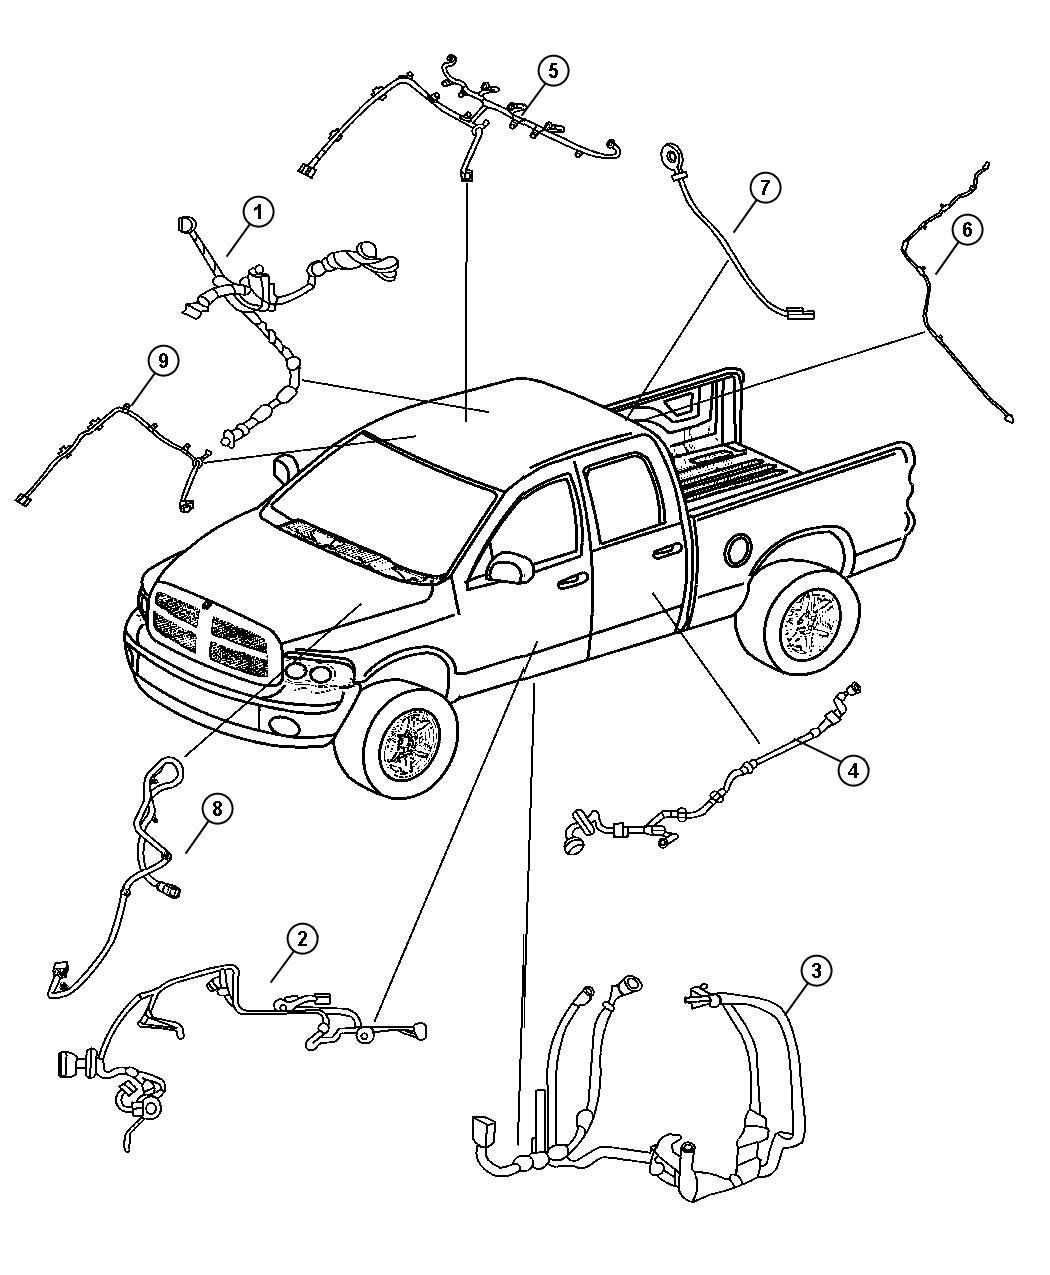 tags: #2007 pontiac vibe radio wiring#pontiac bonneville wiring diagram# pontiac grand am wiring diagram#1984 pontiac fiero wiring diagram#pontiac  montana